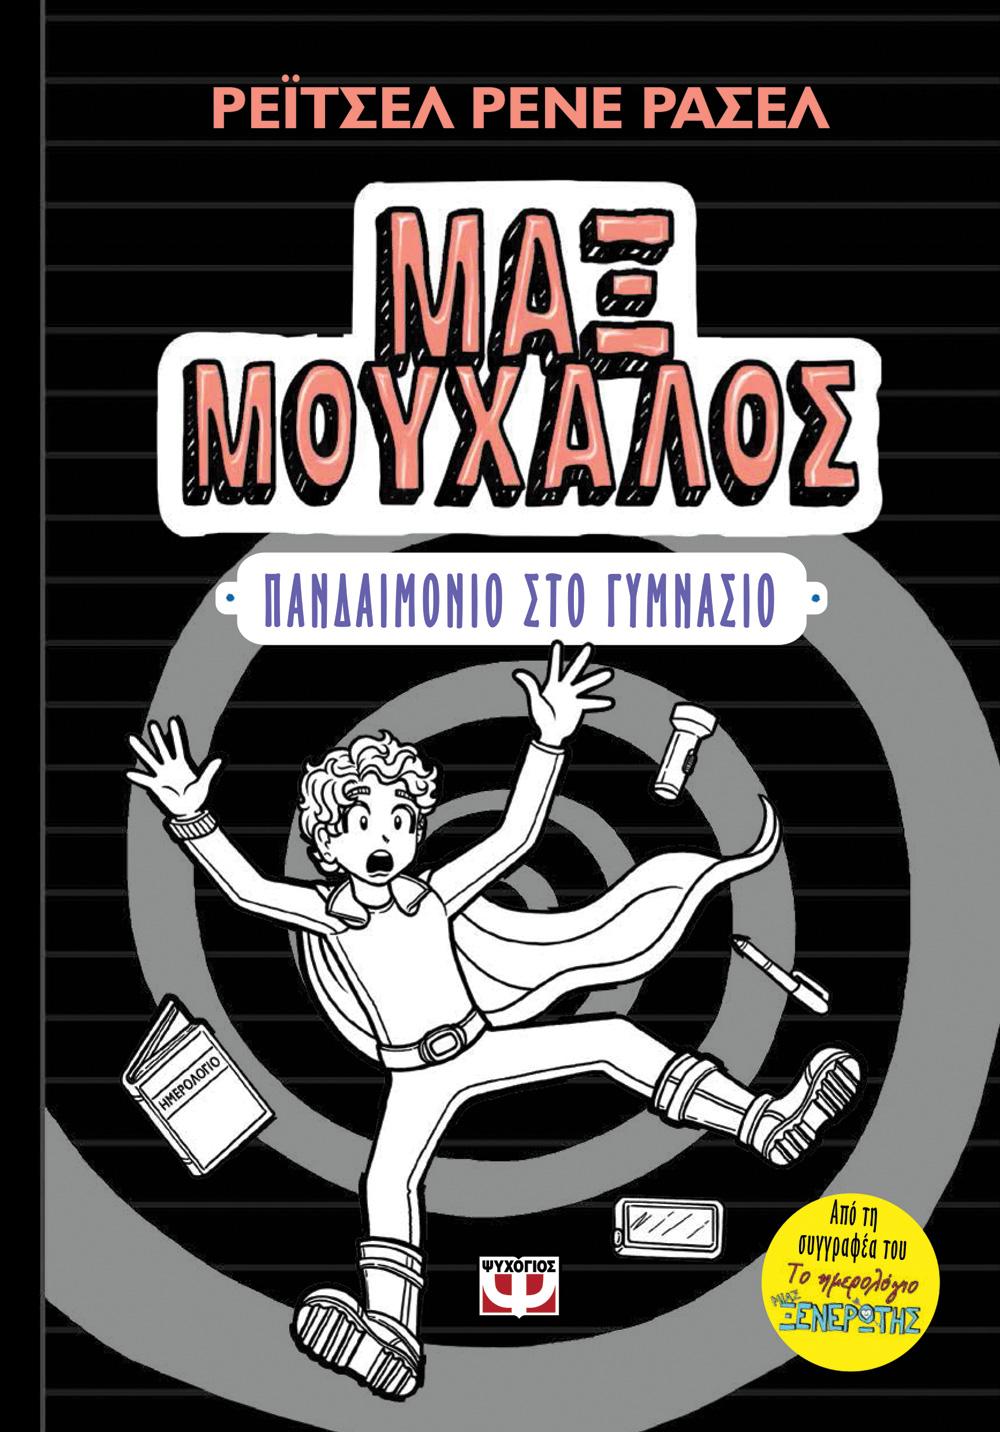 Μαξ Μούχαλος 2: Πανδαιμόνιο Στη Γυμνάσιο bibliopoleio biblia paidika